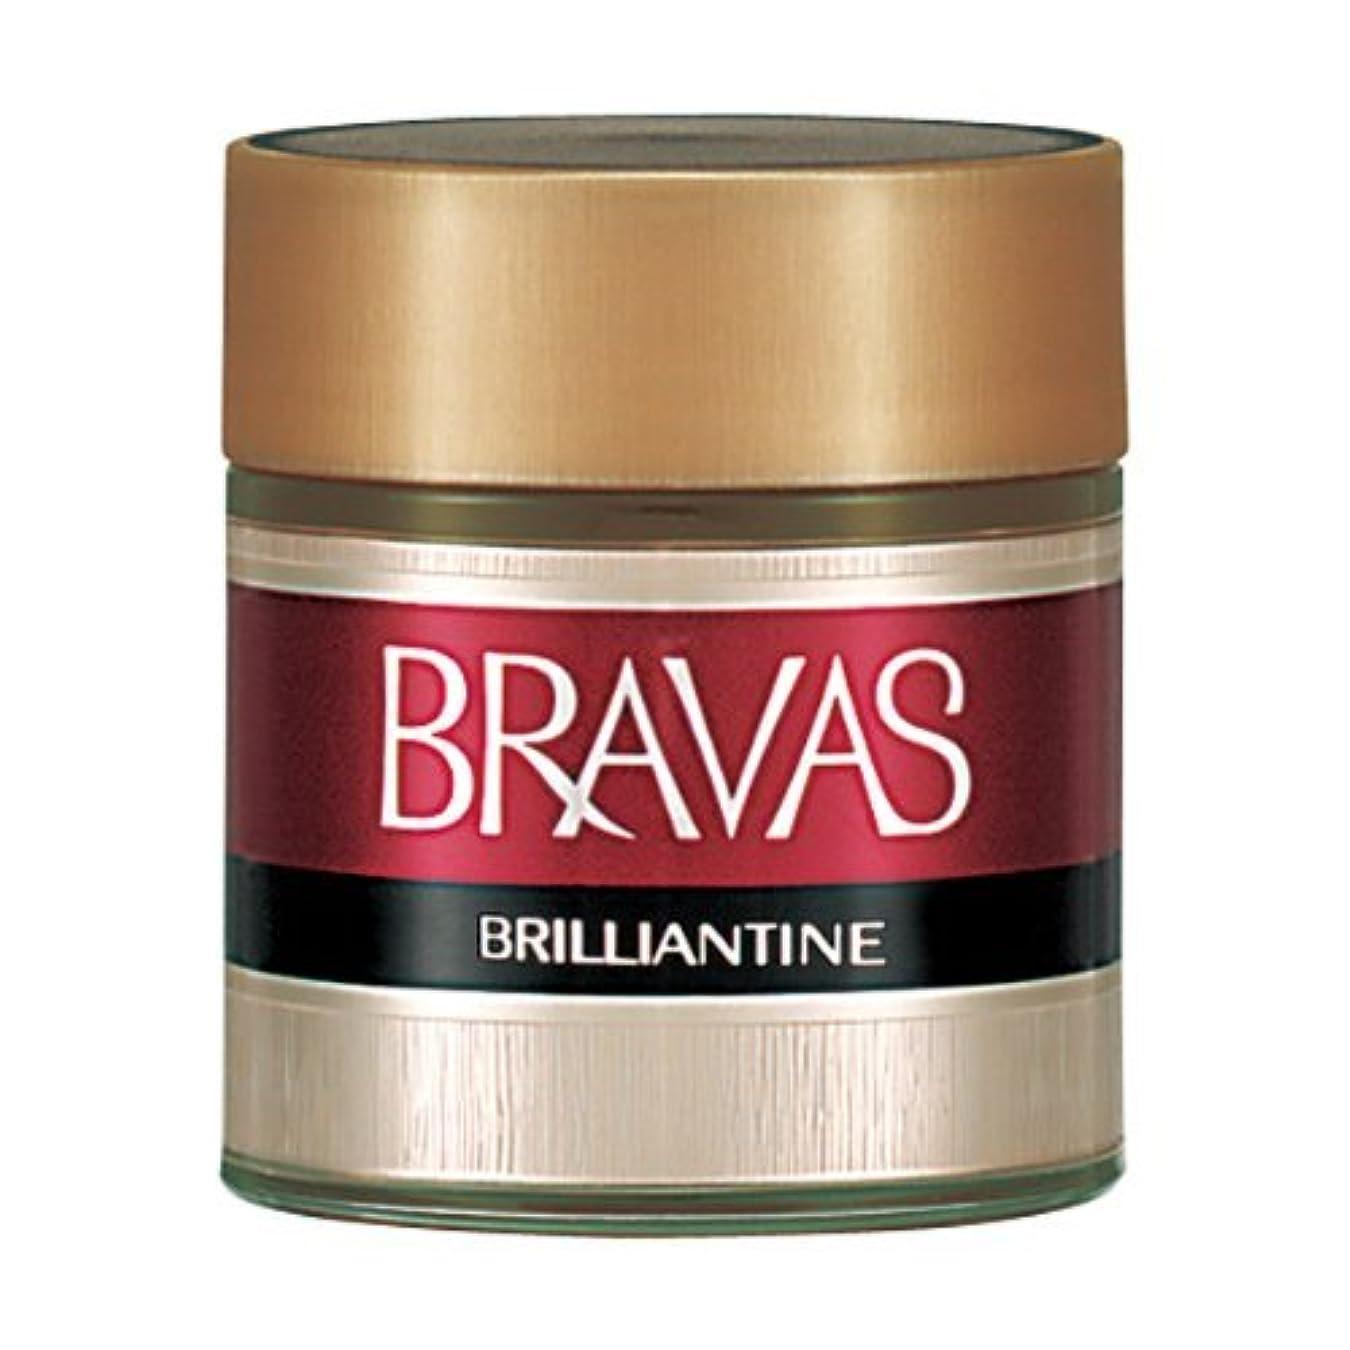 コーヒー郵便物提出するブラバス ブリランチン 85g×6個